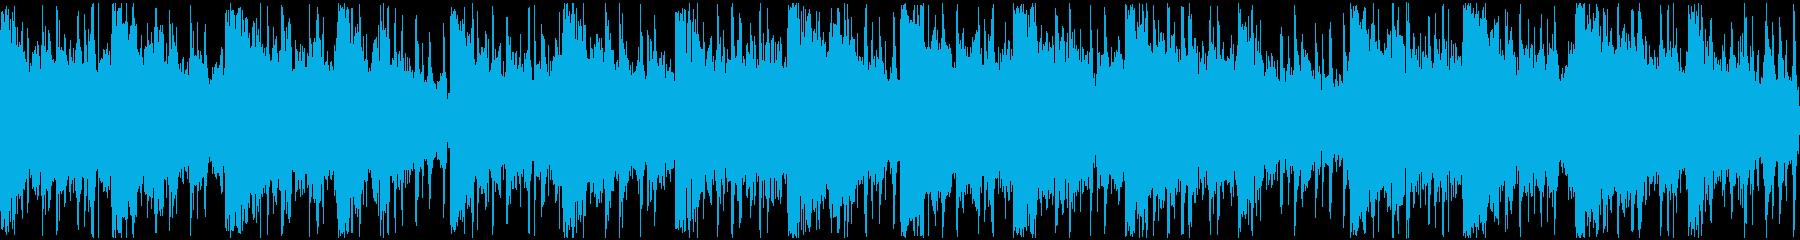 アンビエント感のあるヒップホップ系ループの再生済みの波形